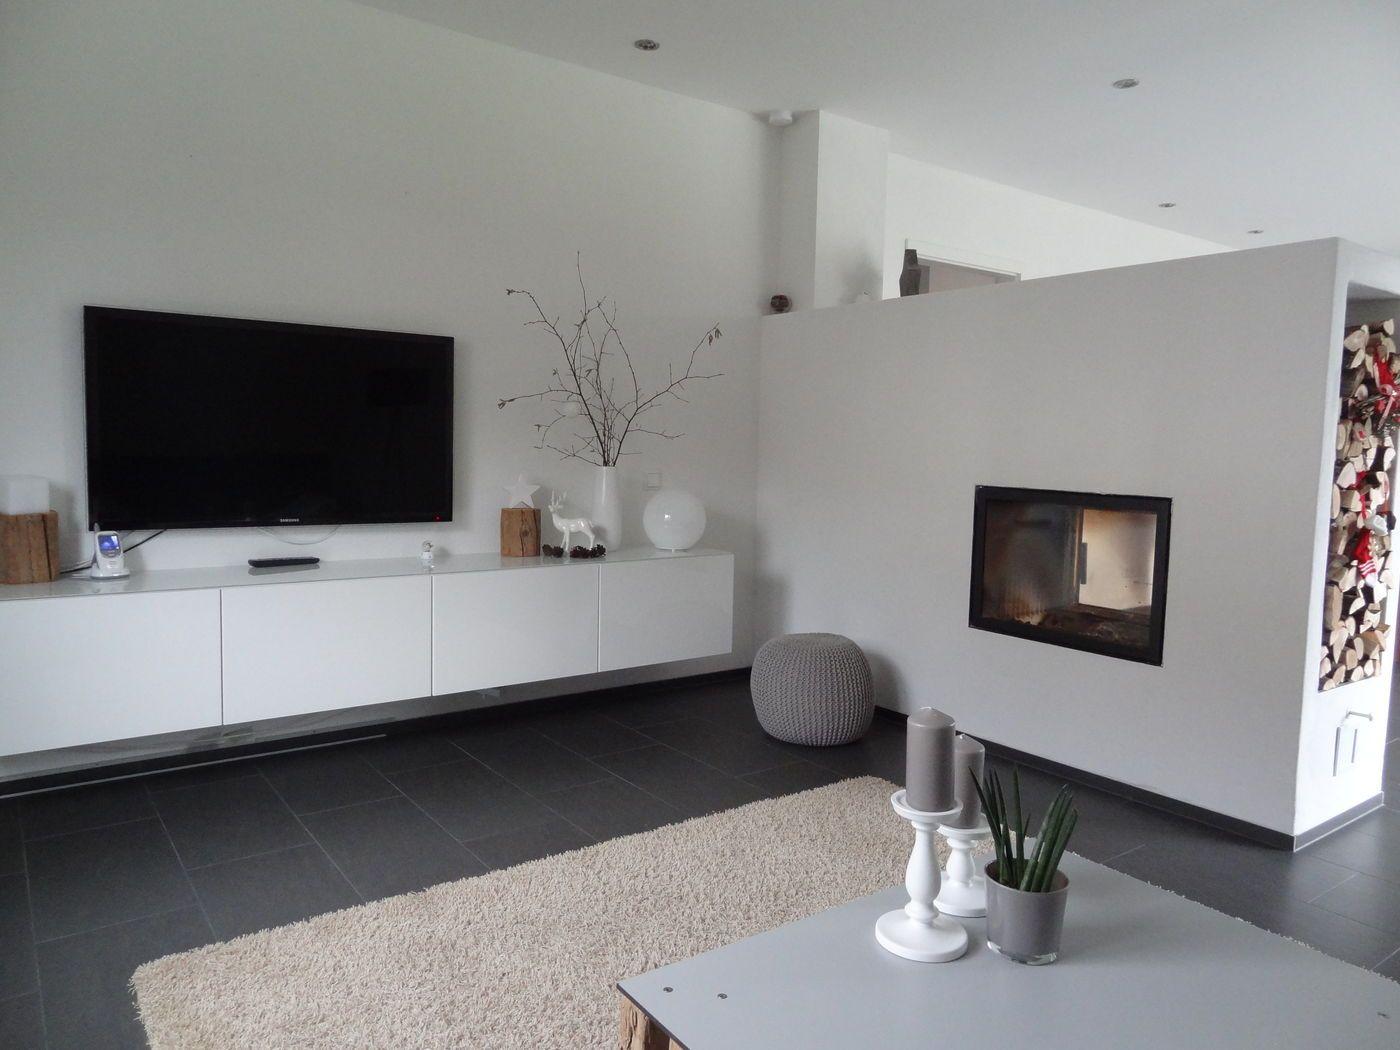 ideen f r raumteiler und raumtrenner seite 2. Black Bedroom Furniture Sets. Home Design Ideas